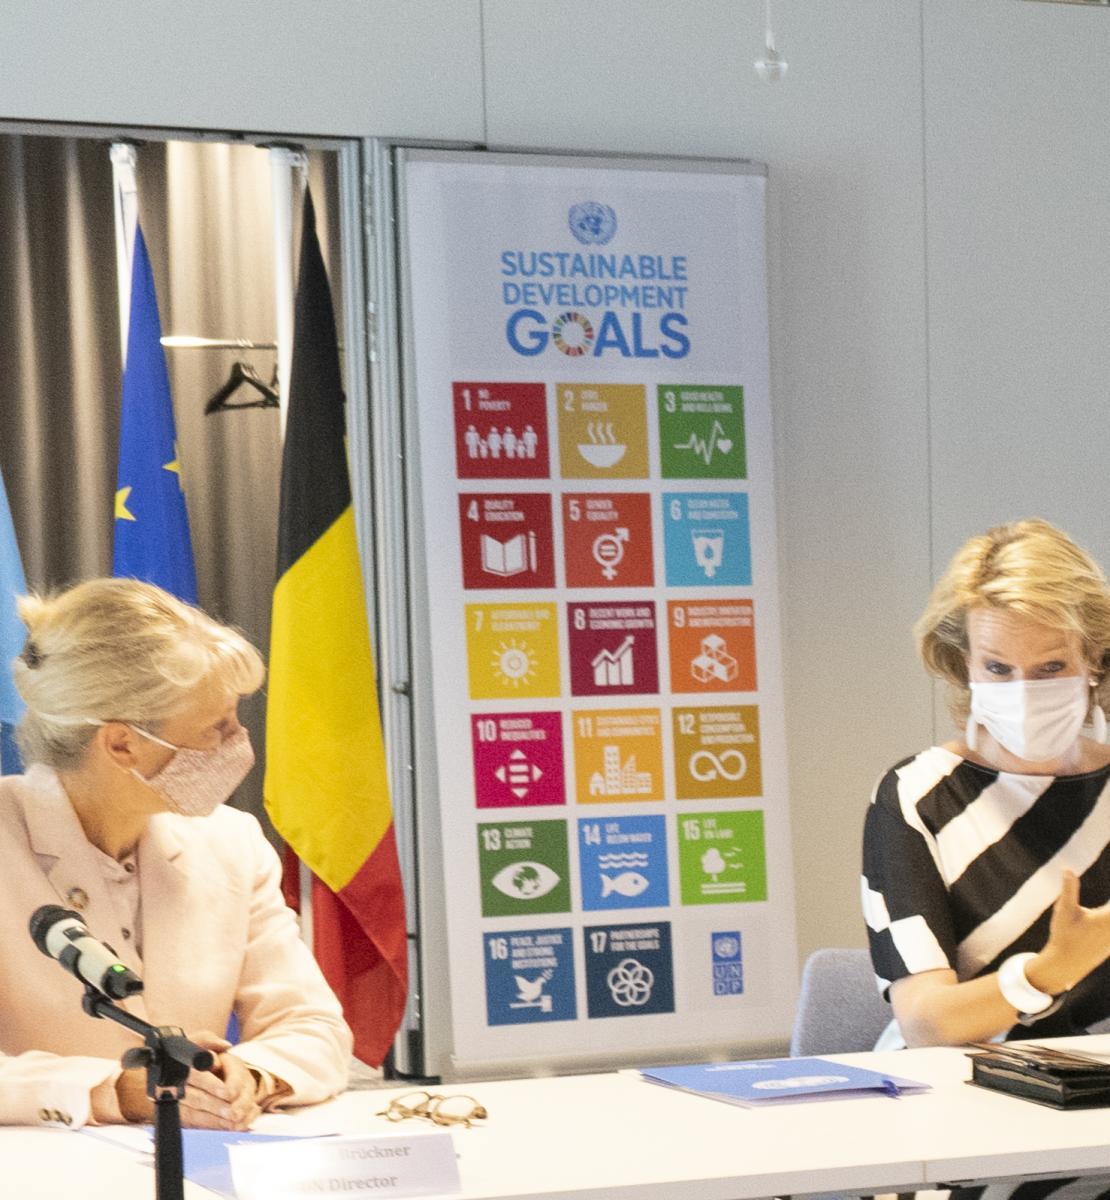 La directora de la Oficina de la ONU/PNUD en Bruselas, y Su Majestad se sientan una al lado de la otra en un escritorio, frente a los micrófonos.